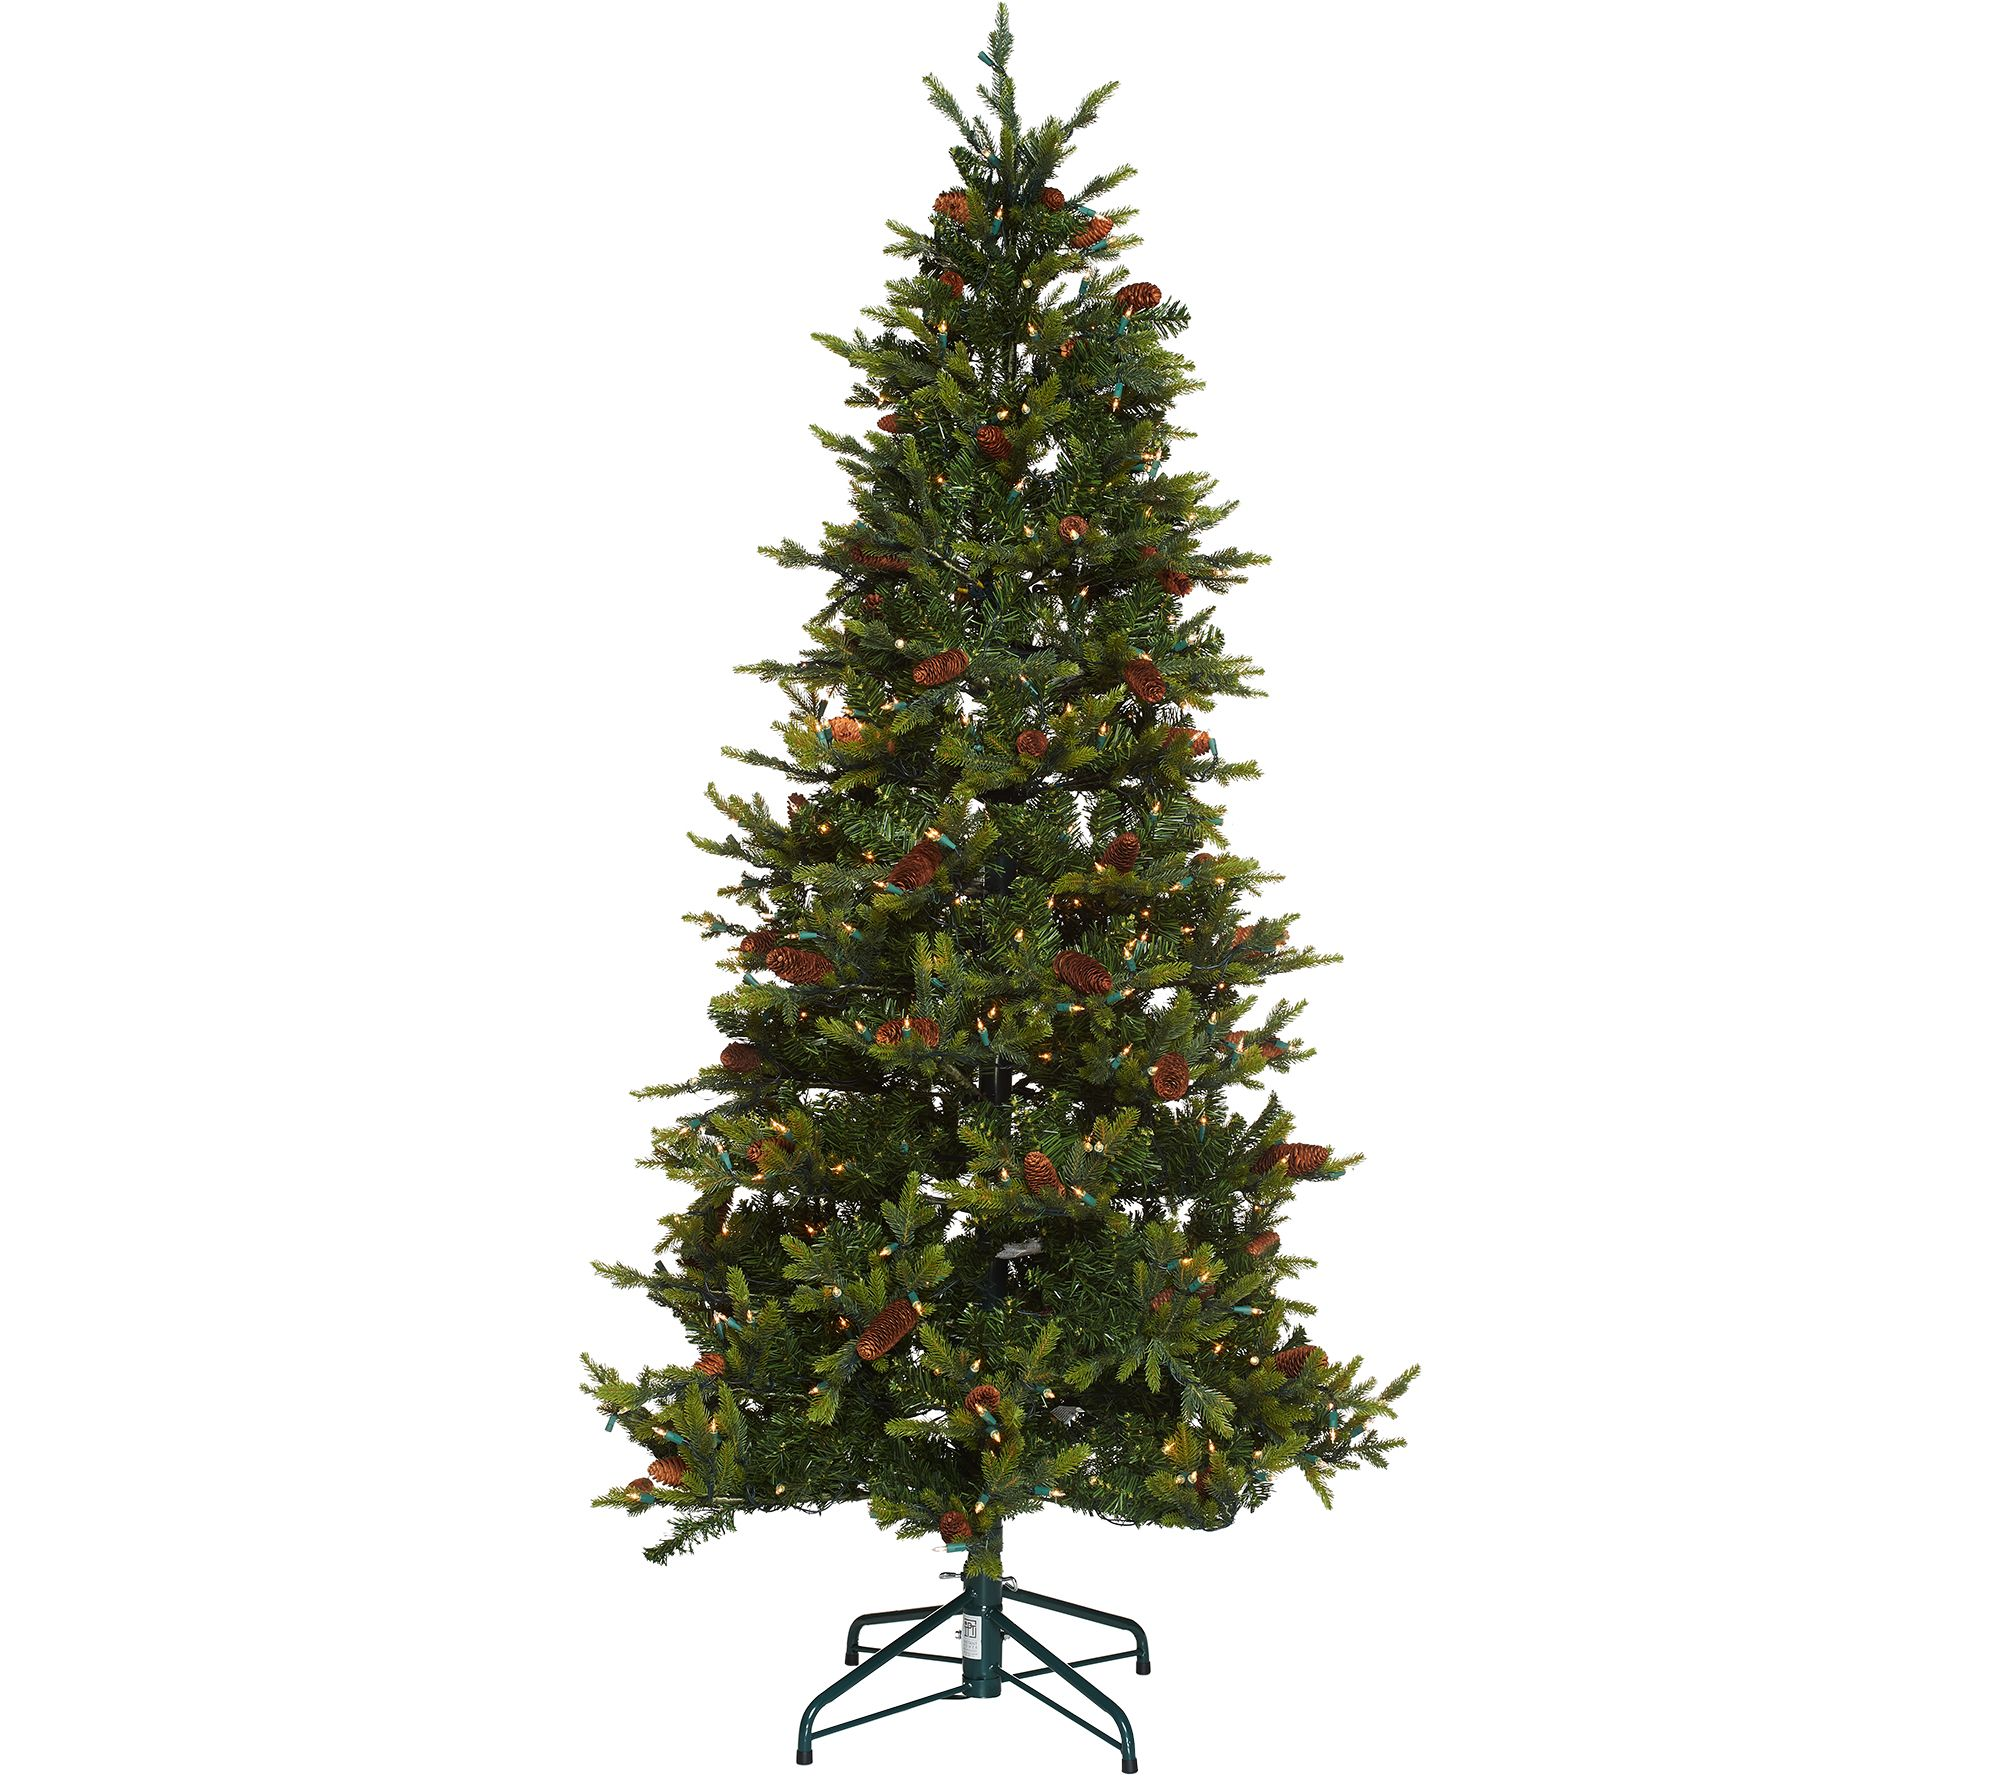 bethlehem lighting christmas trees. bethlehem lights 75u0027 heritage spruce christmas tree winstant power h208556 lighting trees